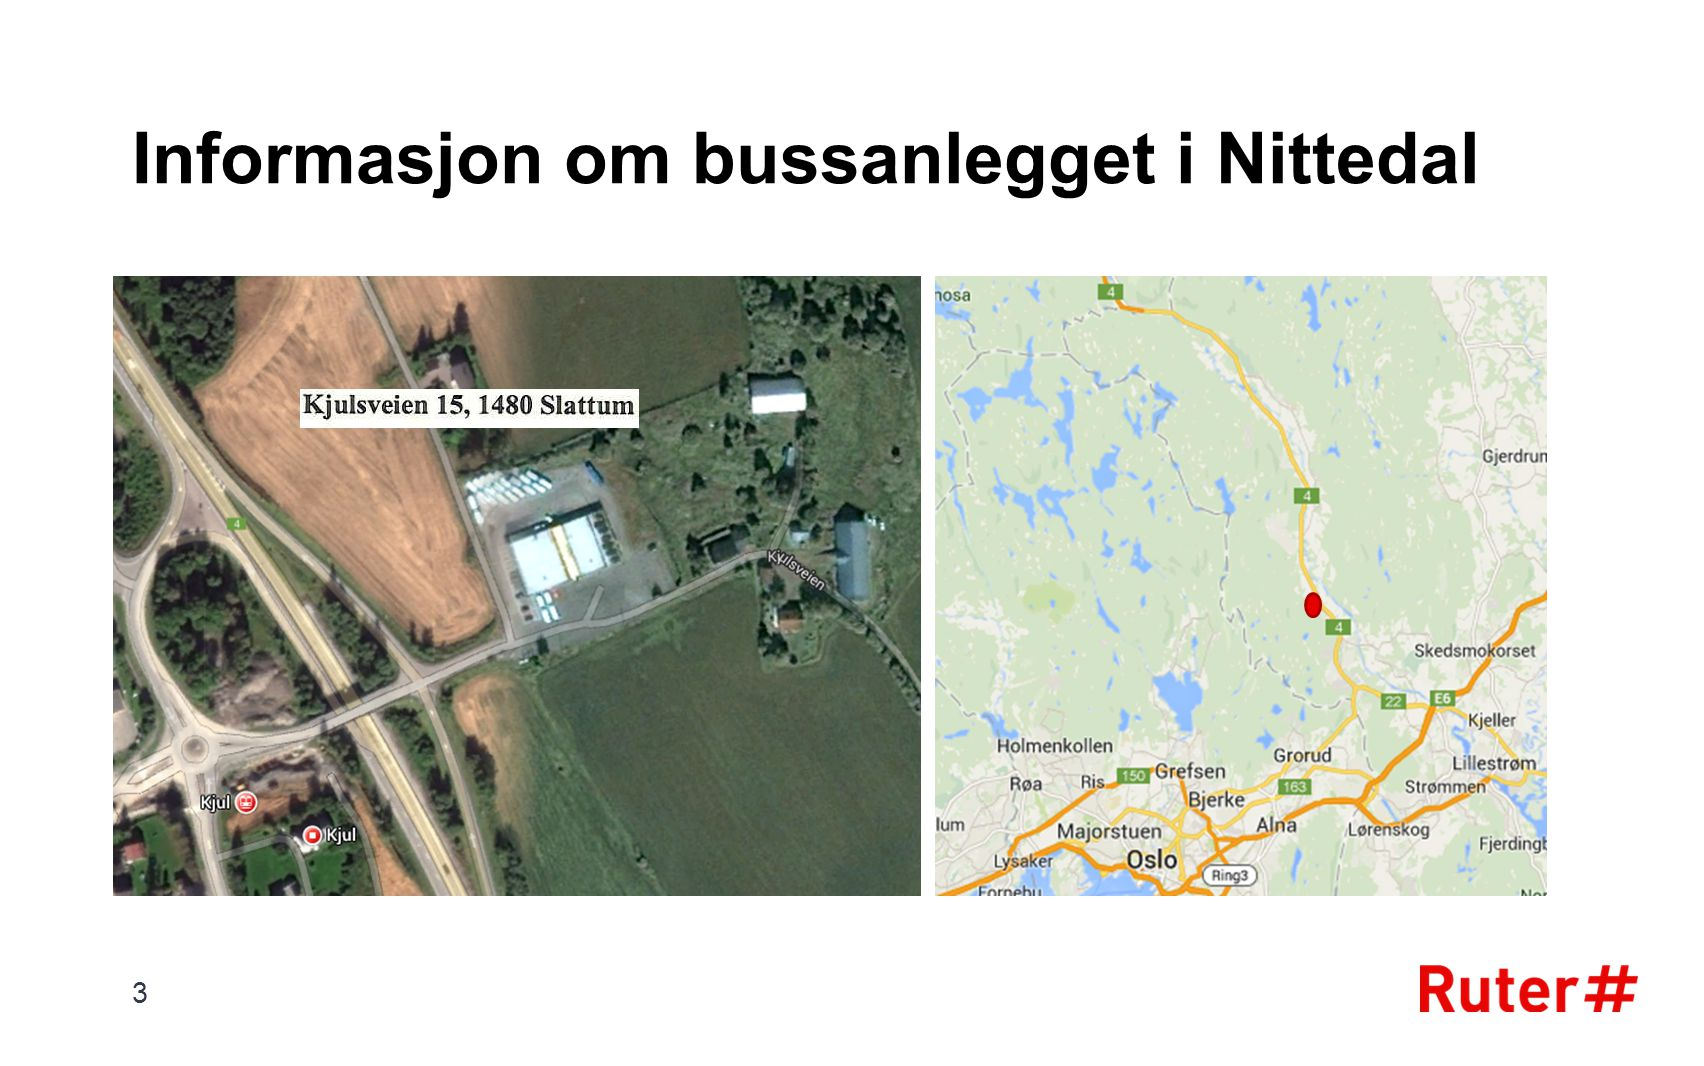 Informasjon om bussanlegget i Nittedal